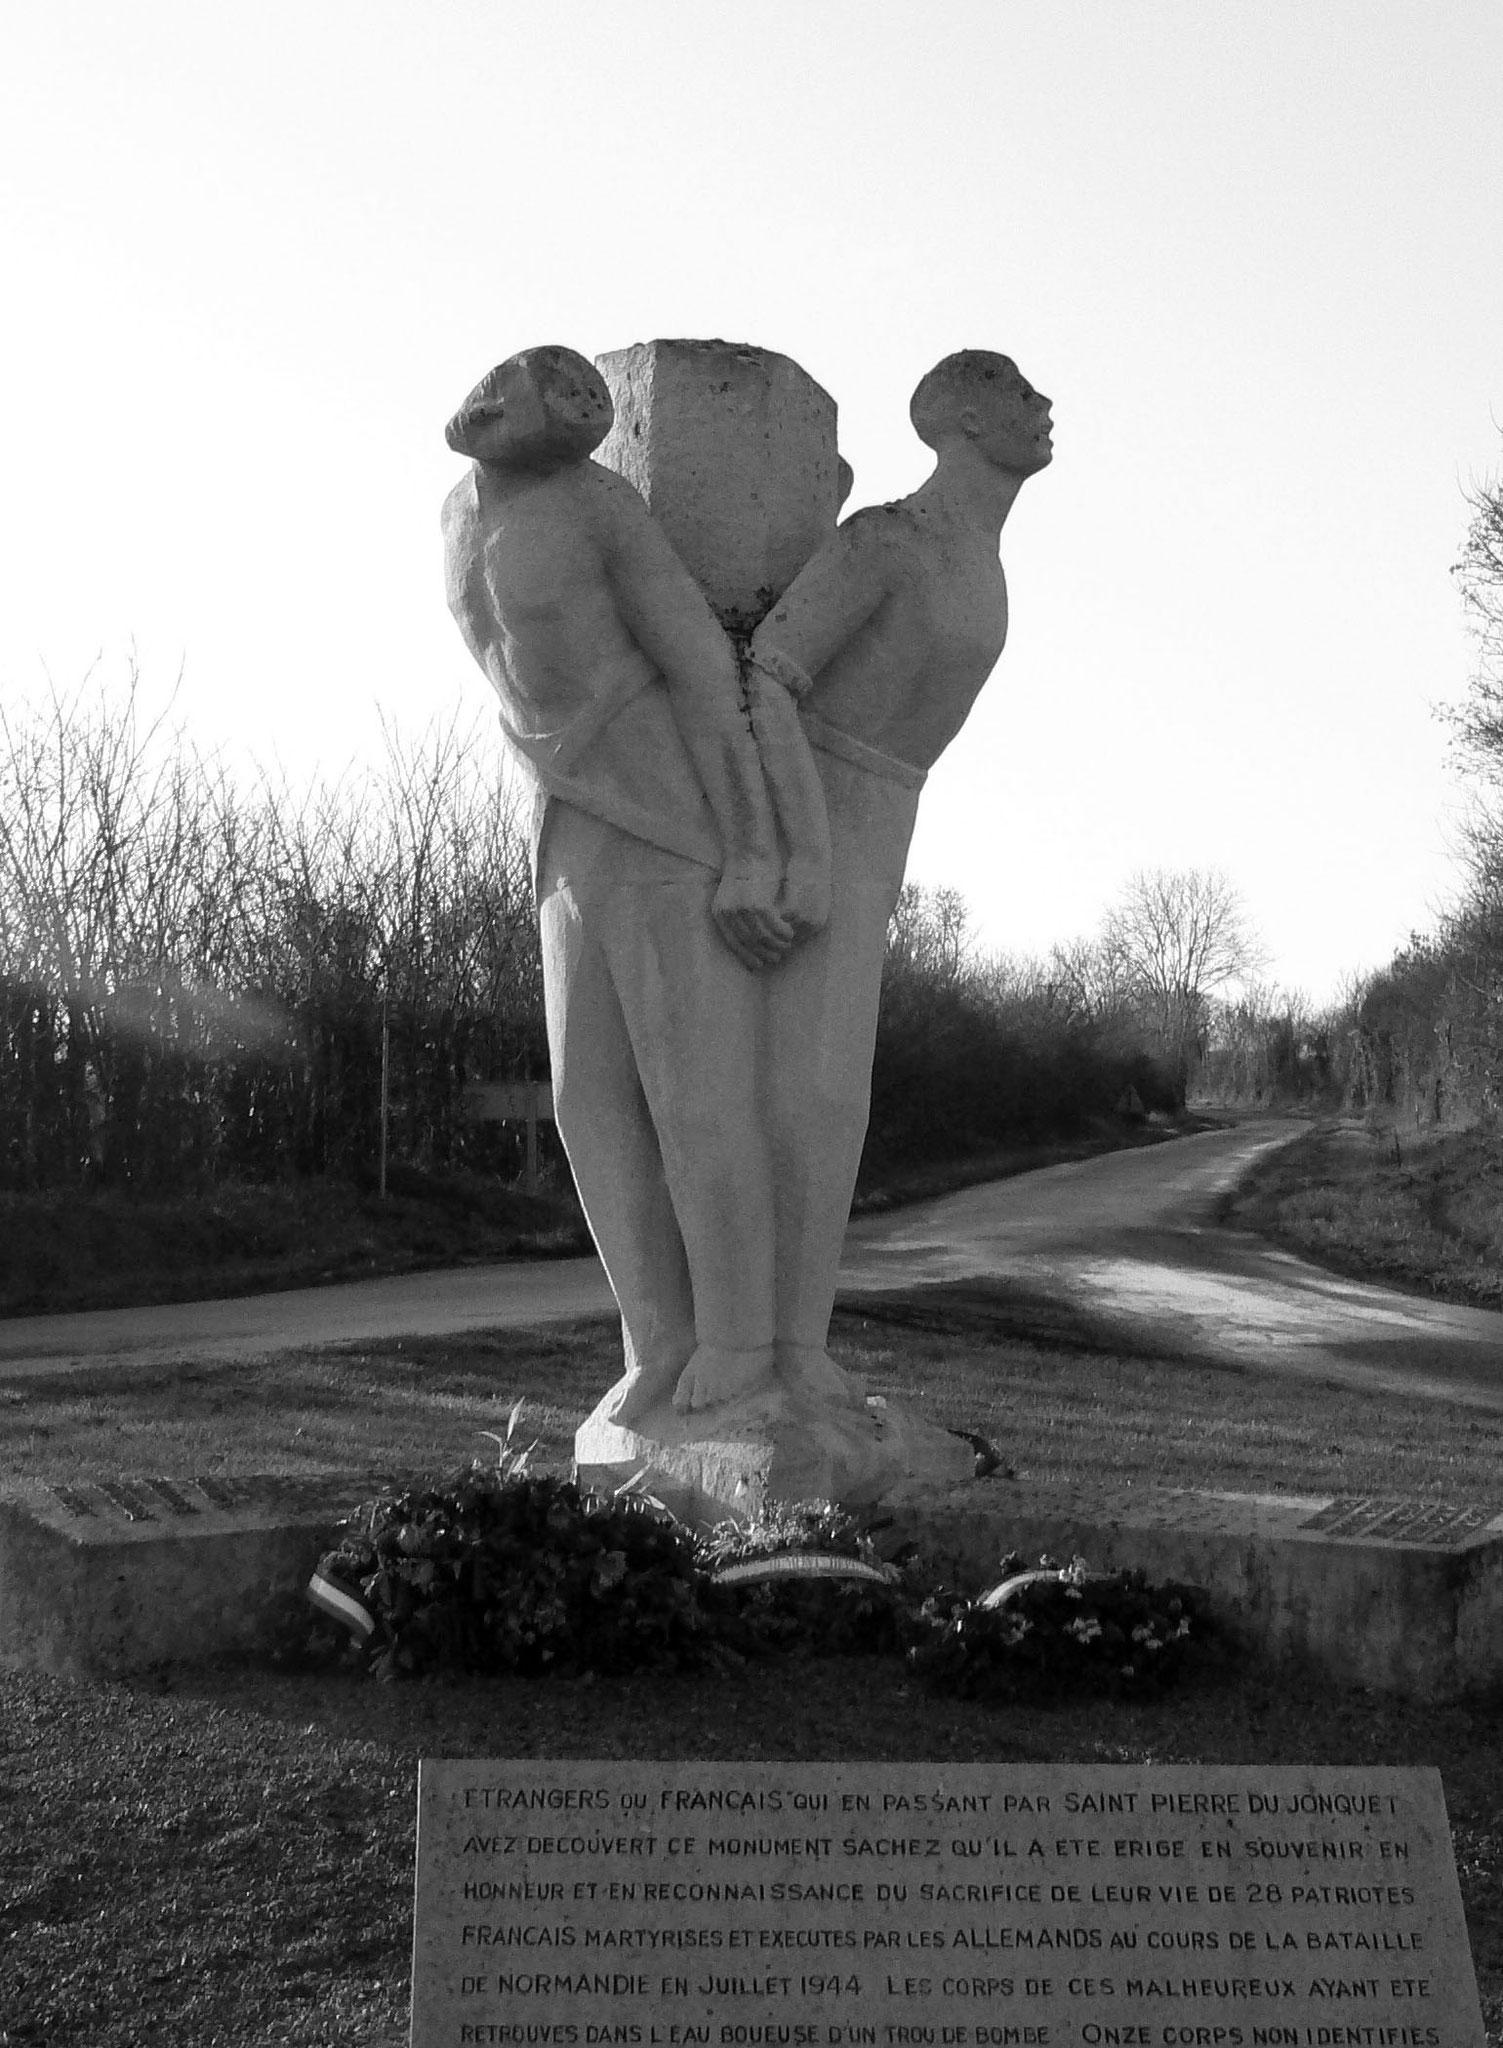 ST-PIERRE-DU-JONQUET monument